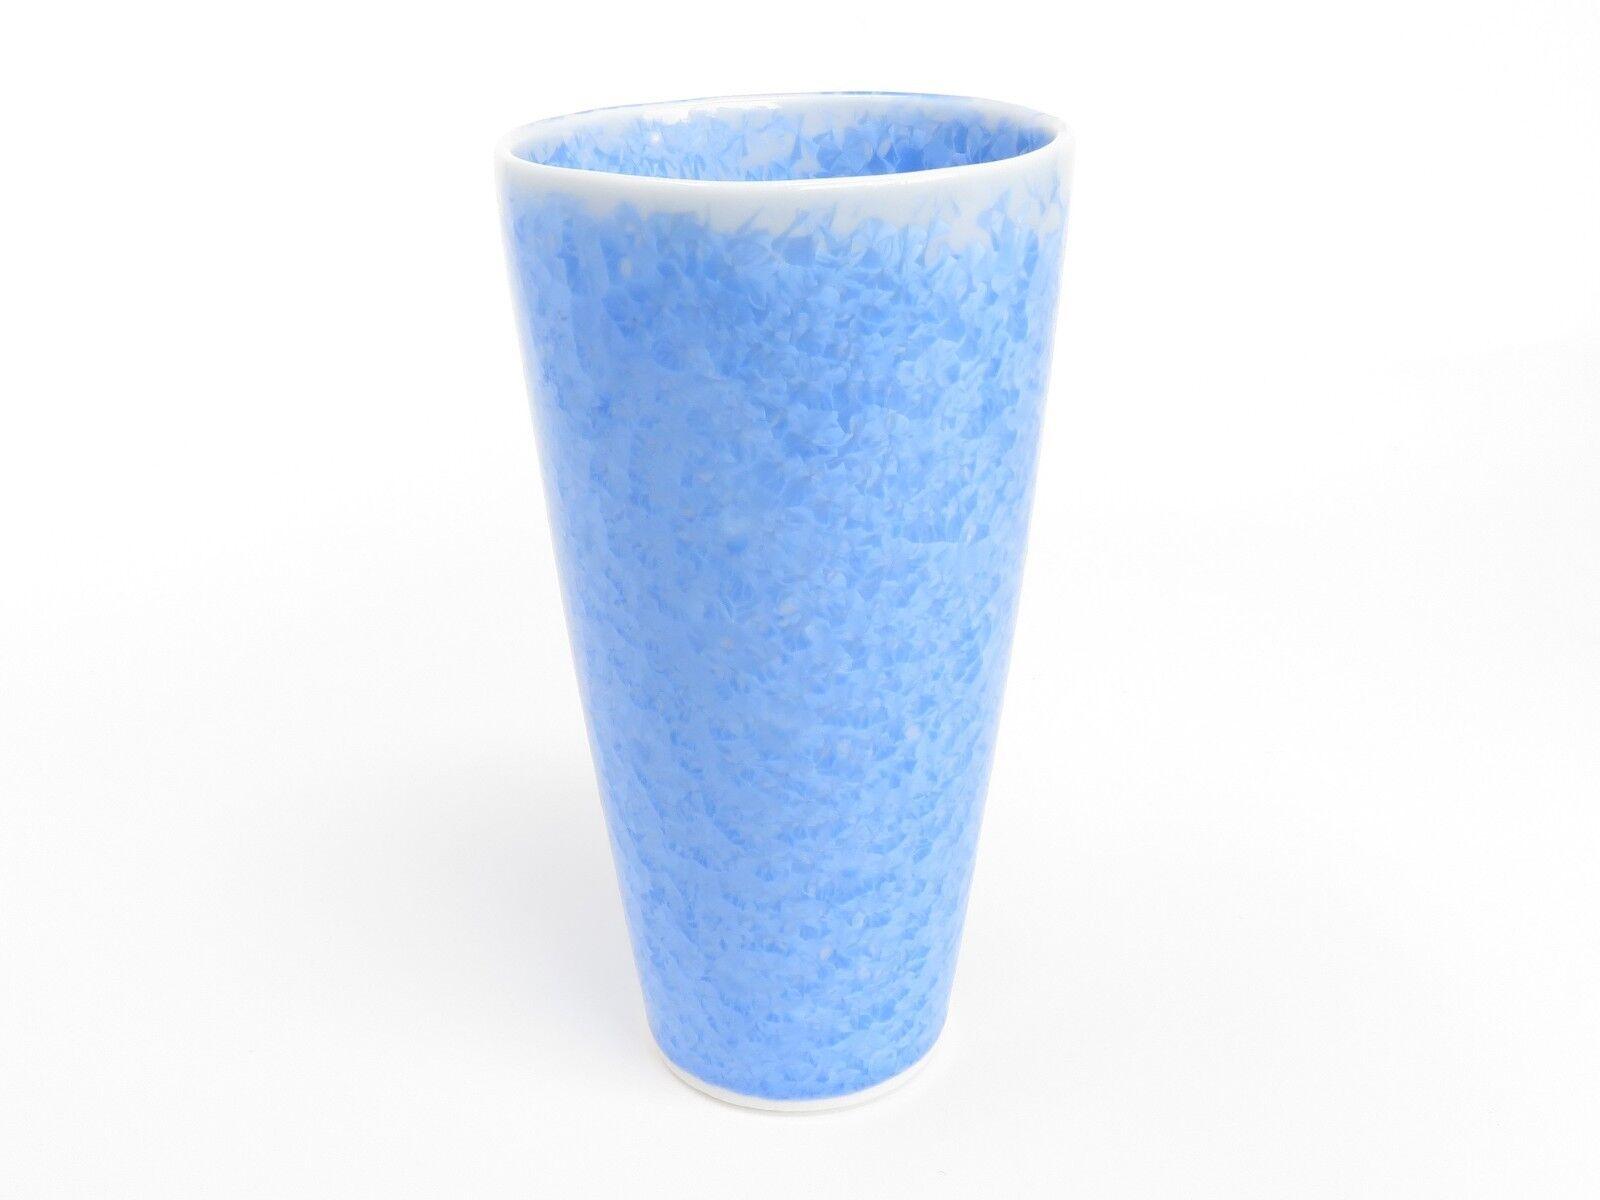 bleu pottery Bière Tasse avec fleur en forme de cristaux (handmade in Kyoto)